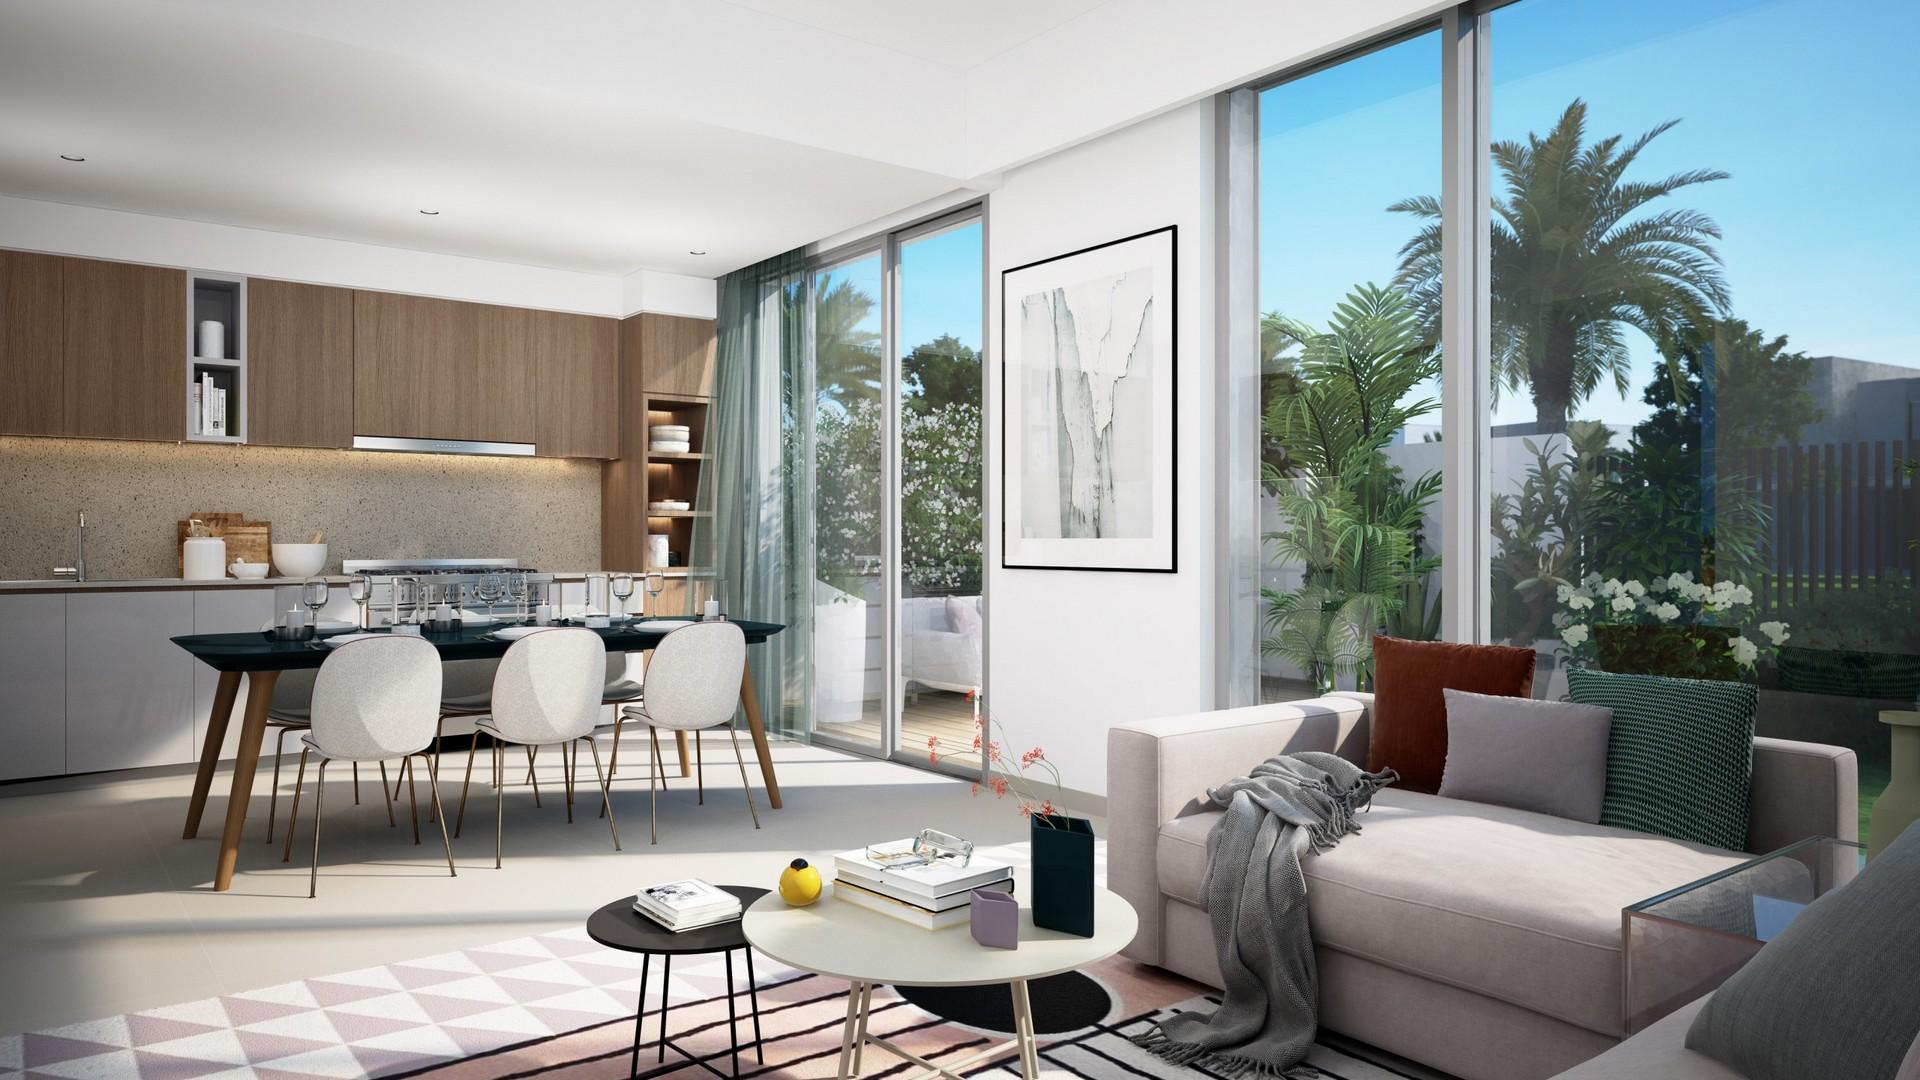 Villa en venta en Dubai, EAU, 4 dormitorios, 245 m2, № 24044 – foto 1